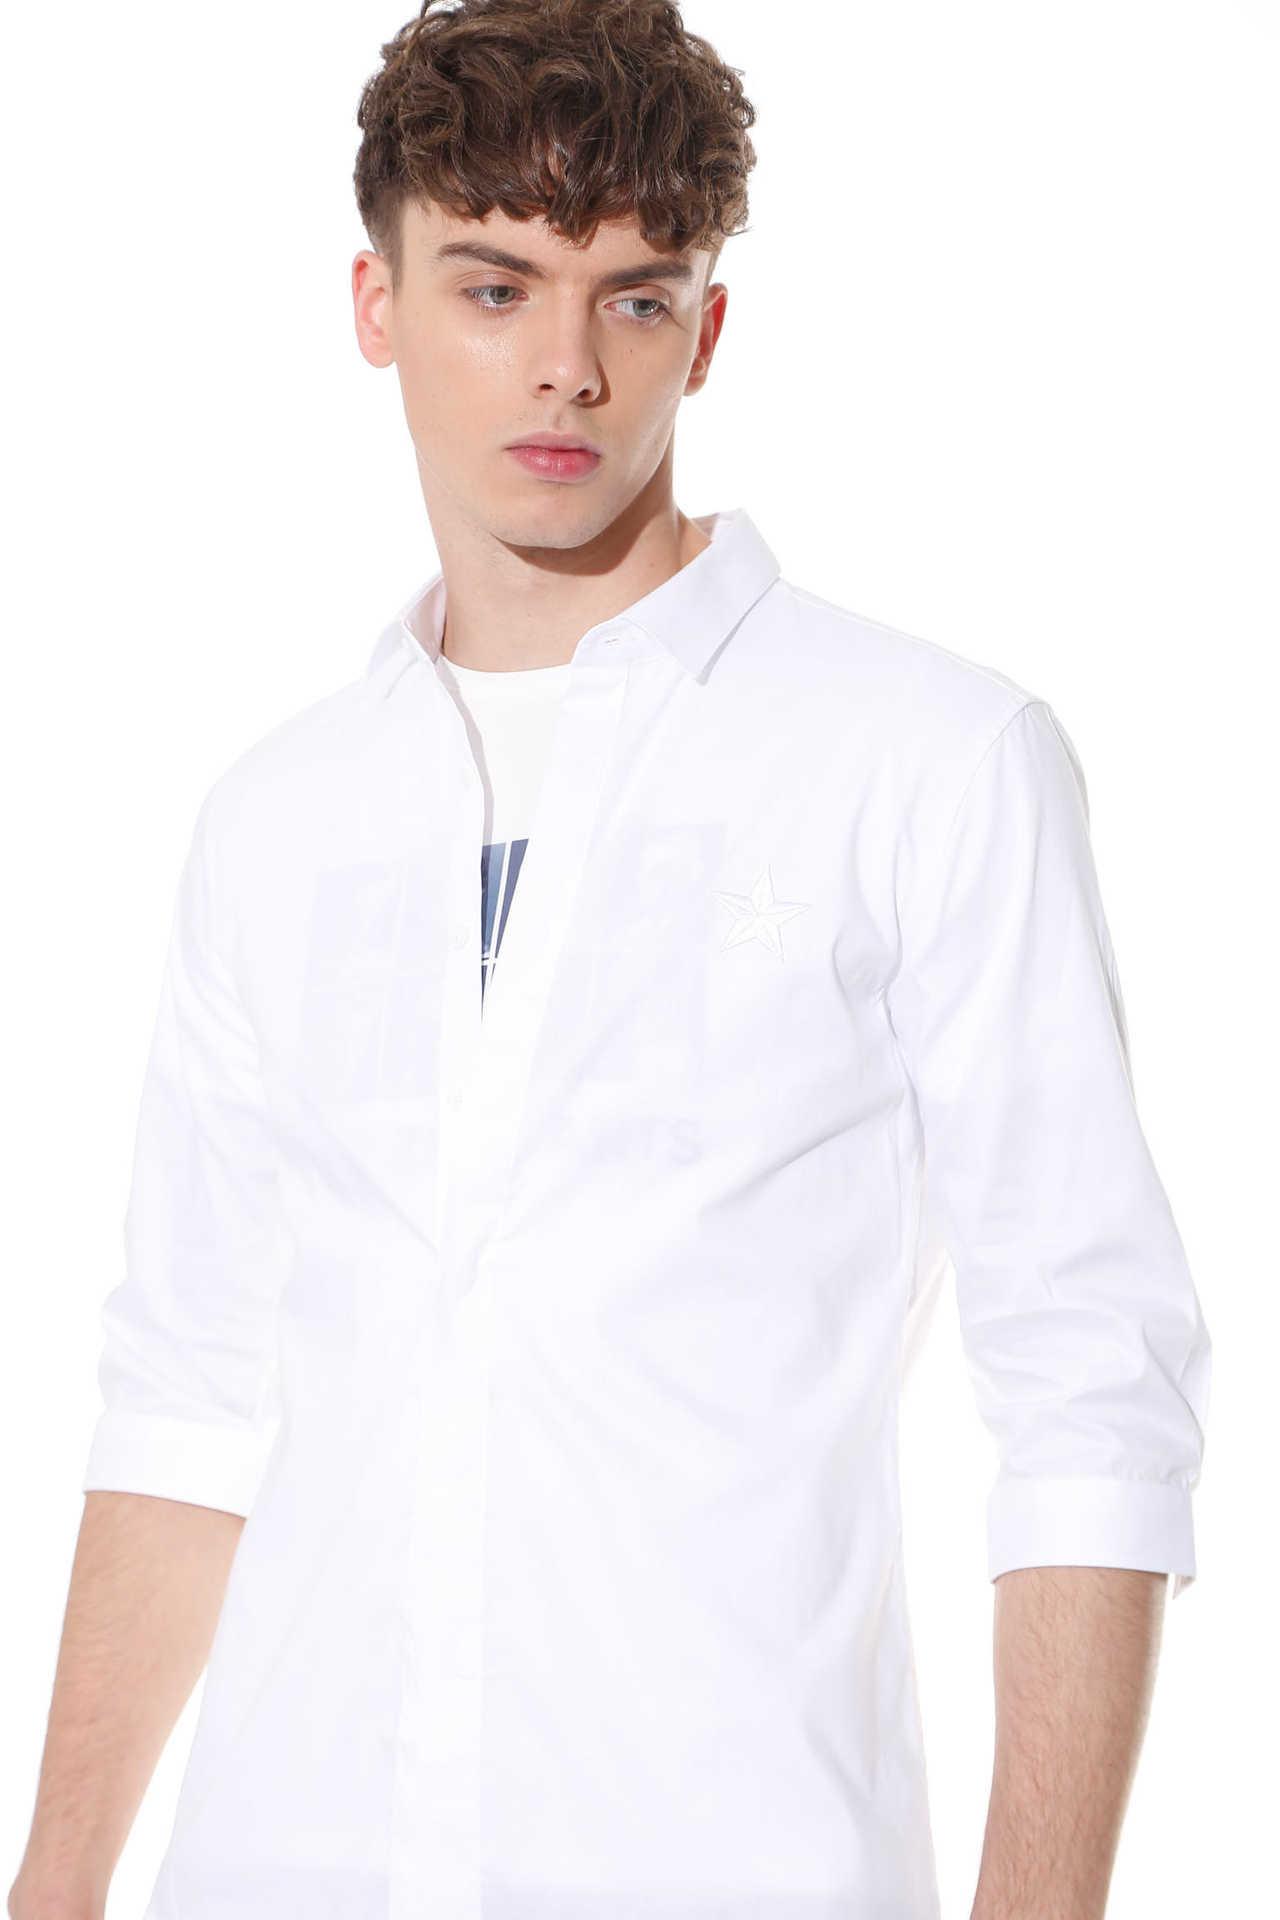 男裝適合年輕人的品牌 佐納利潮流男裝城市男士之選